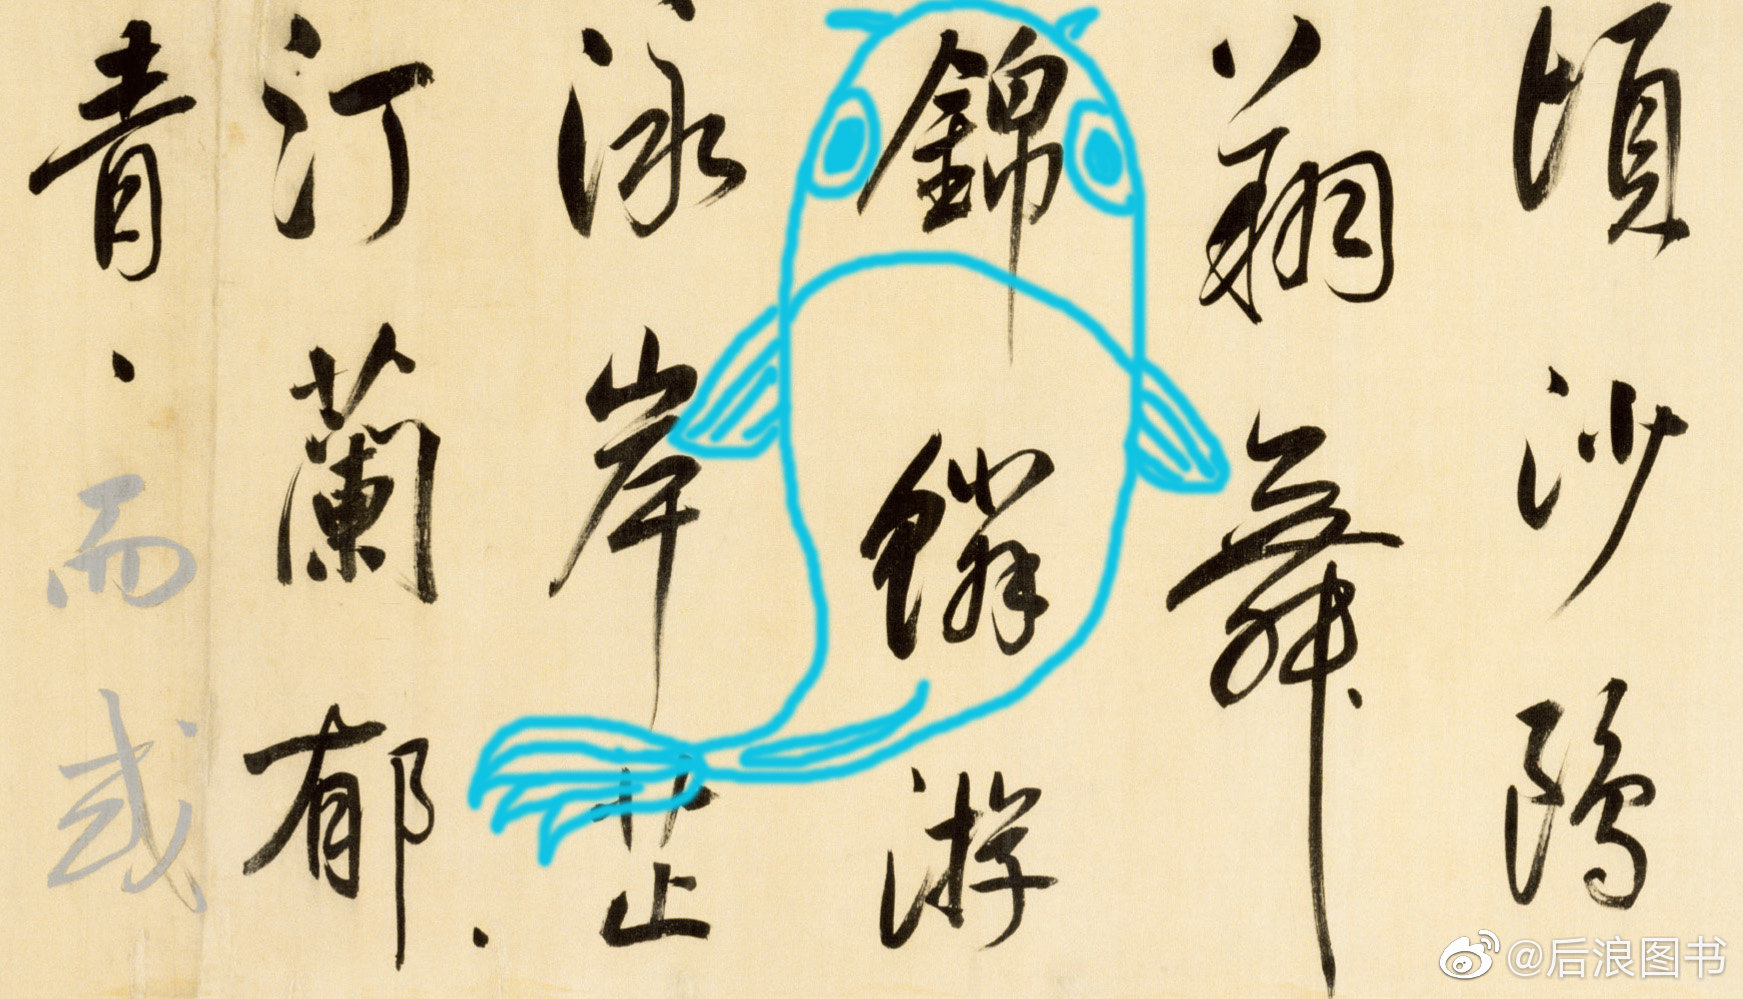 """嗯…我们在《名家大手笔》中也发现了一条""""董其昌""""锦鲤(锦鳞)"""